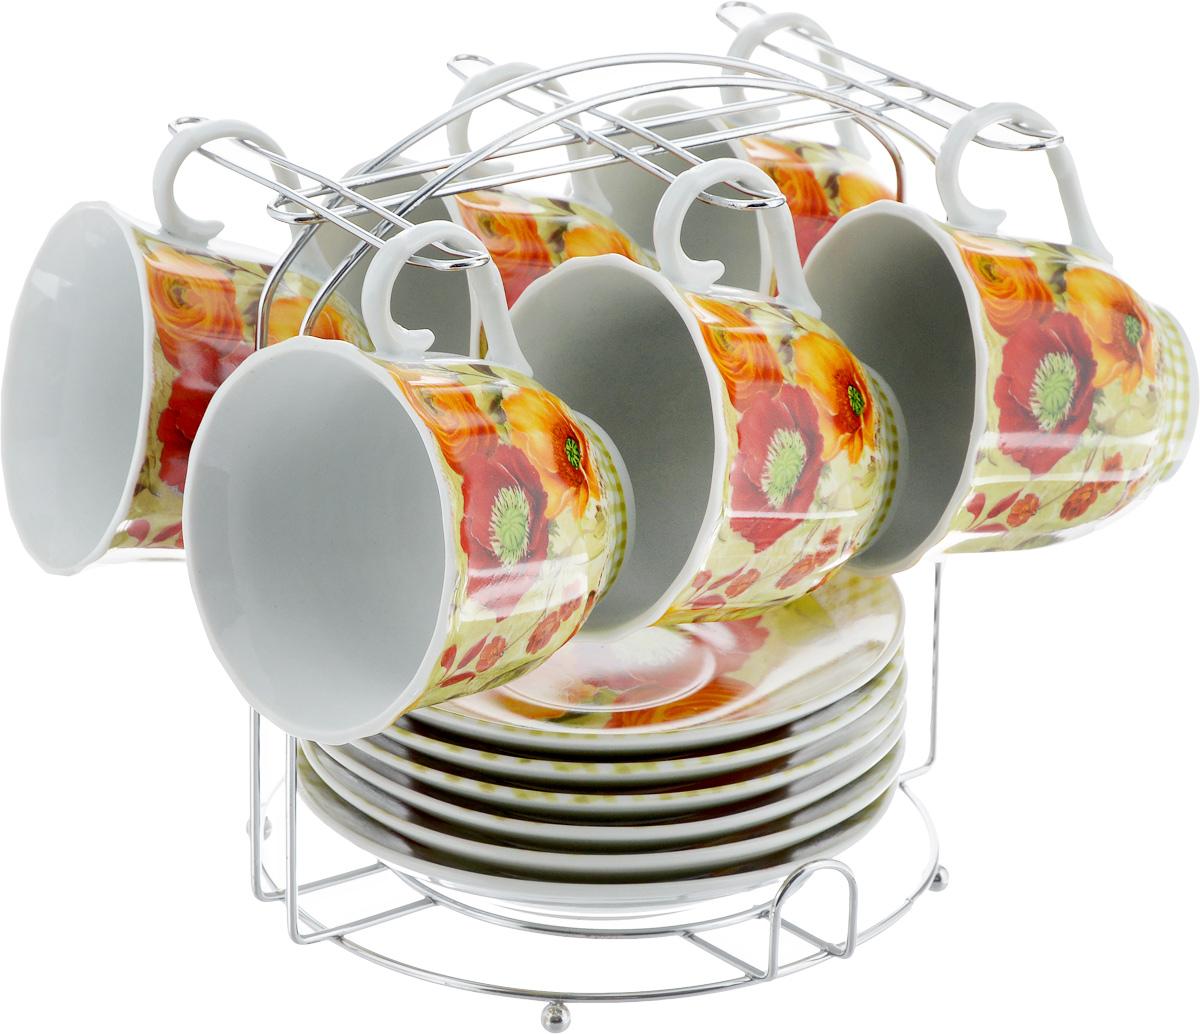 Набор чайный Bella, на подставке, 13 предметов. DL-F6MS-179VT-1520(SR)Набор Bella состоит из шести чашек и шести блюдец, изготовленных из высококачественного фарфора. Чашки оформлены красочным рисунком. Изделия расположены на металлической подставке. Такой набор подходит для подачи чая или кофе.Изящный дизайн придется по вкусу и ценителям классики, и тем, кто предпочитает утонченность и изысканность. Он настроит на позитивный лад и подарит хорошее настроение с самого утра. Чайный набор Bella - идеальный и необходимый подарок для вашего дома и для ваших друзей в праздники.Объем чашки: 220 мл. Диаметр чашки (по верхнему краю): 8 см. Высота чашки: 7 см. Диаметр блюдца: 14 см. Высота блюдца: 2 см.Размер подставки: 17,5 х 17 х 19,3 см.